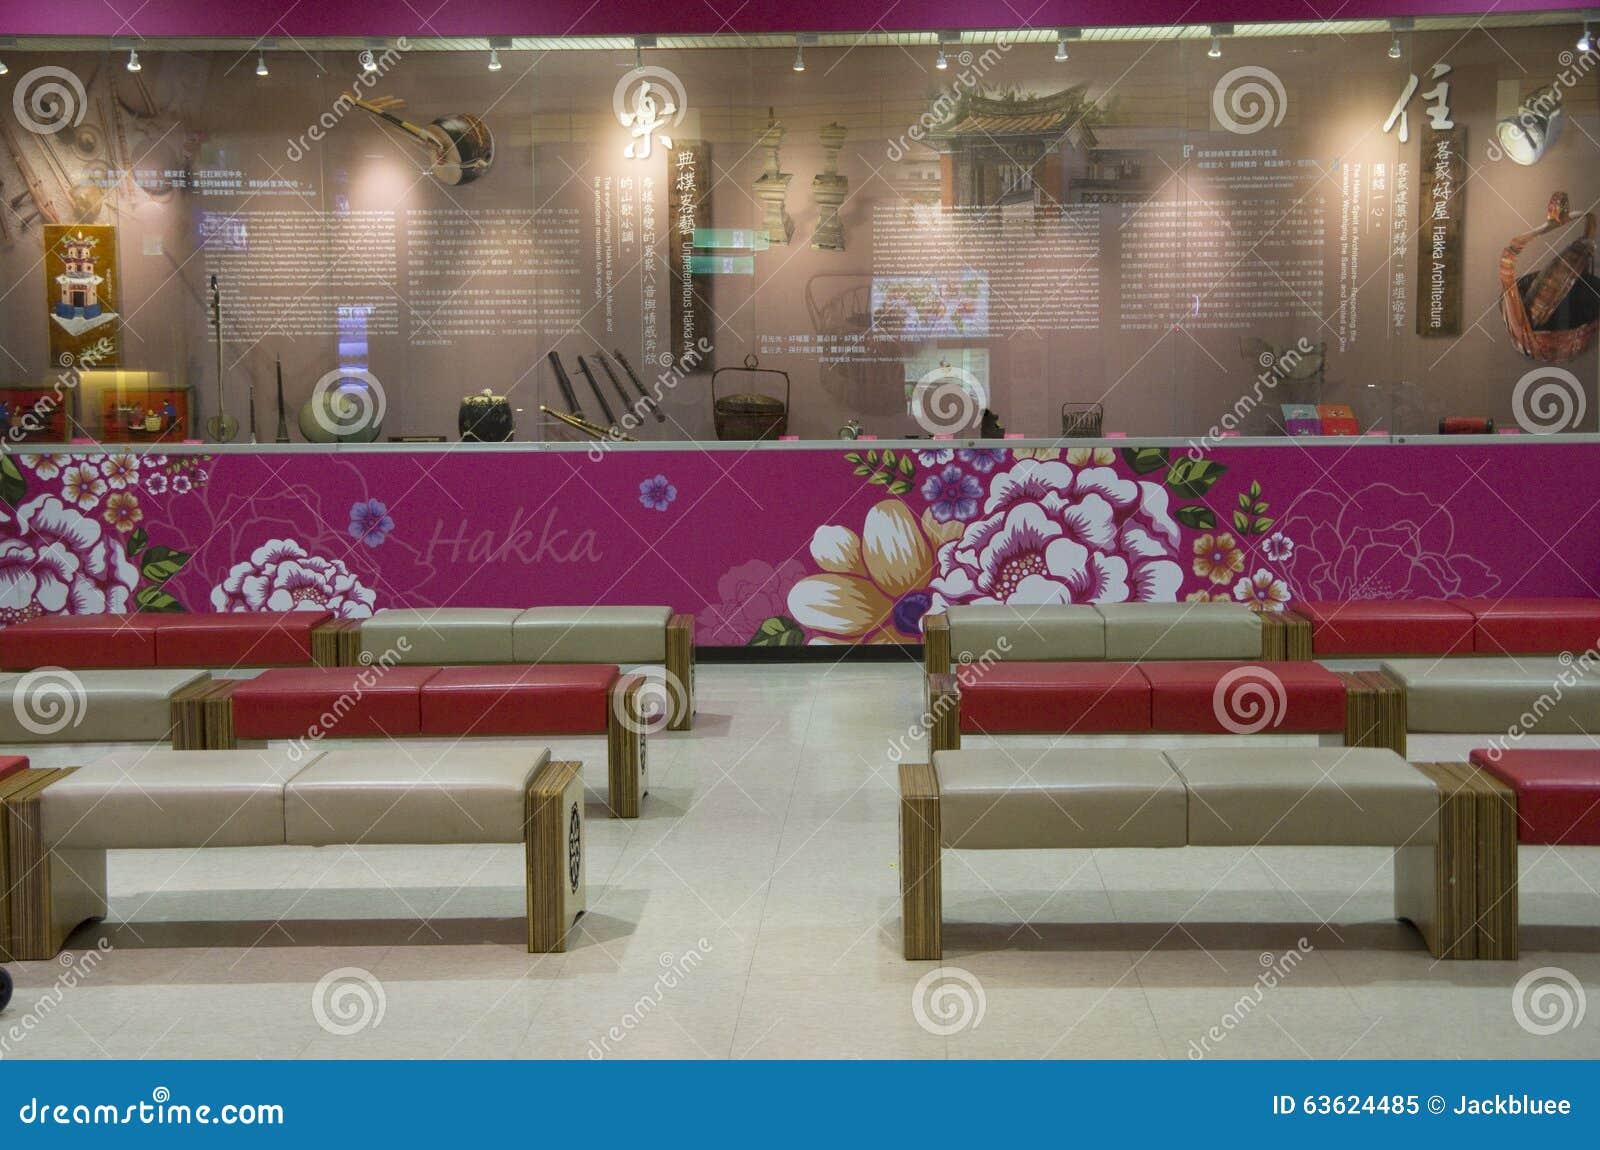 Interior design ideas airport waiting room editorial for Reception room interior design